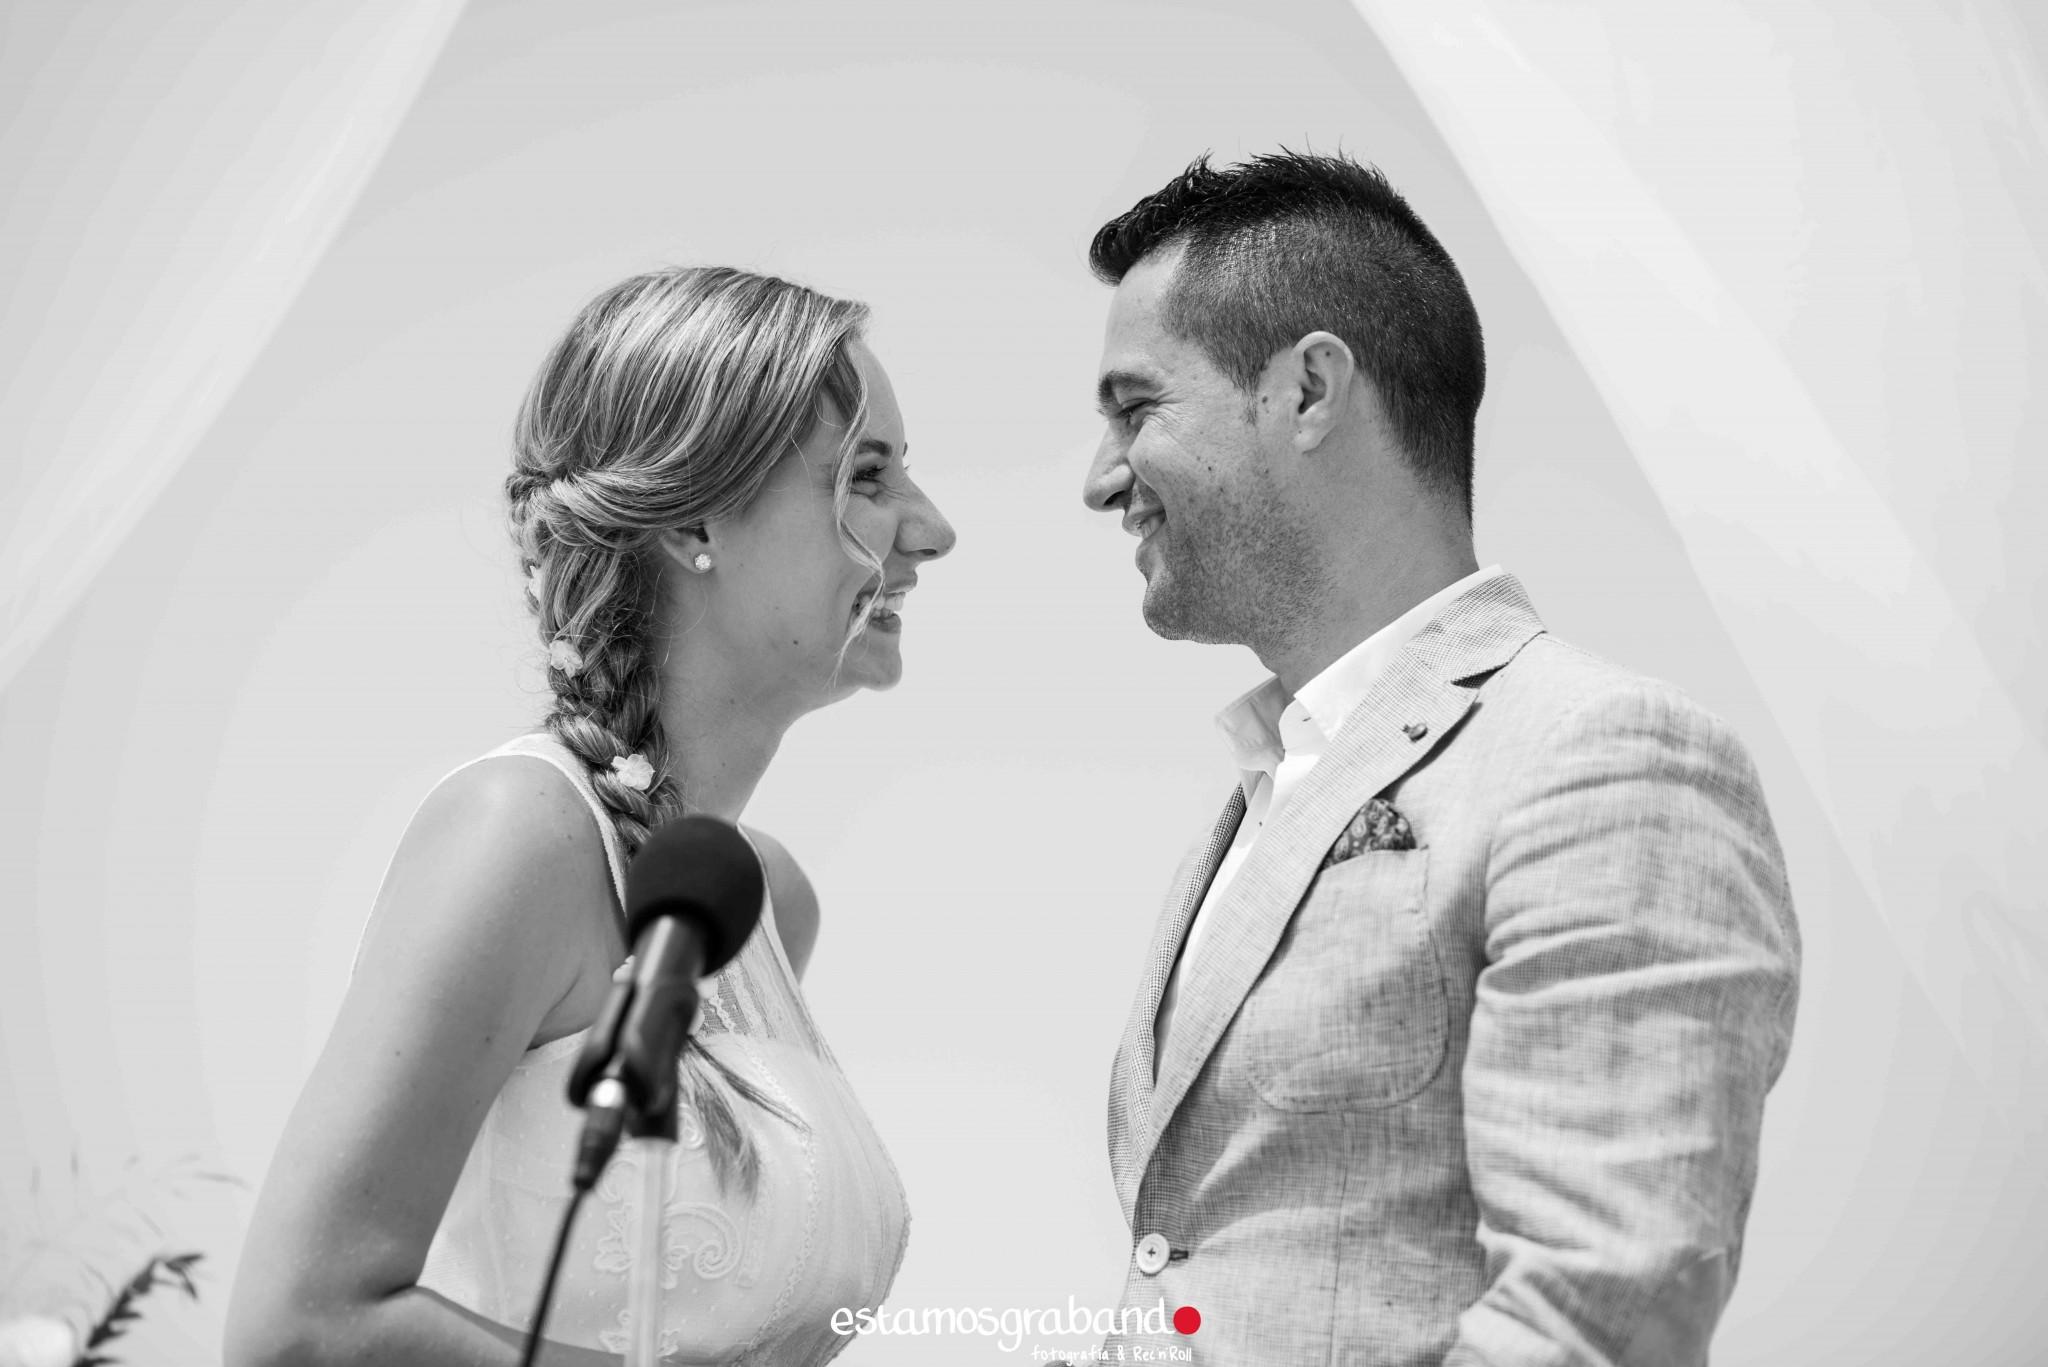 Alba-y-Jose-BTTW-2 Los invitados de Alba & Jose [Back to the wedding_Atlanterra, Zahara de los Atunes] - video boda cadiz